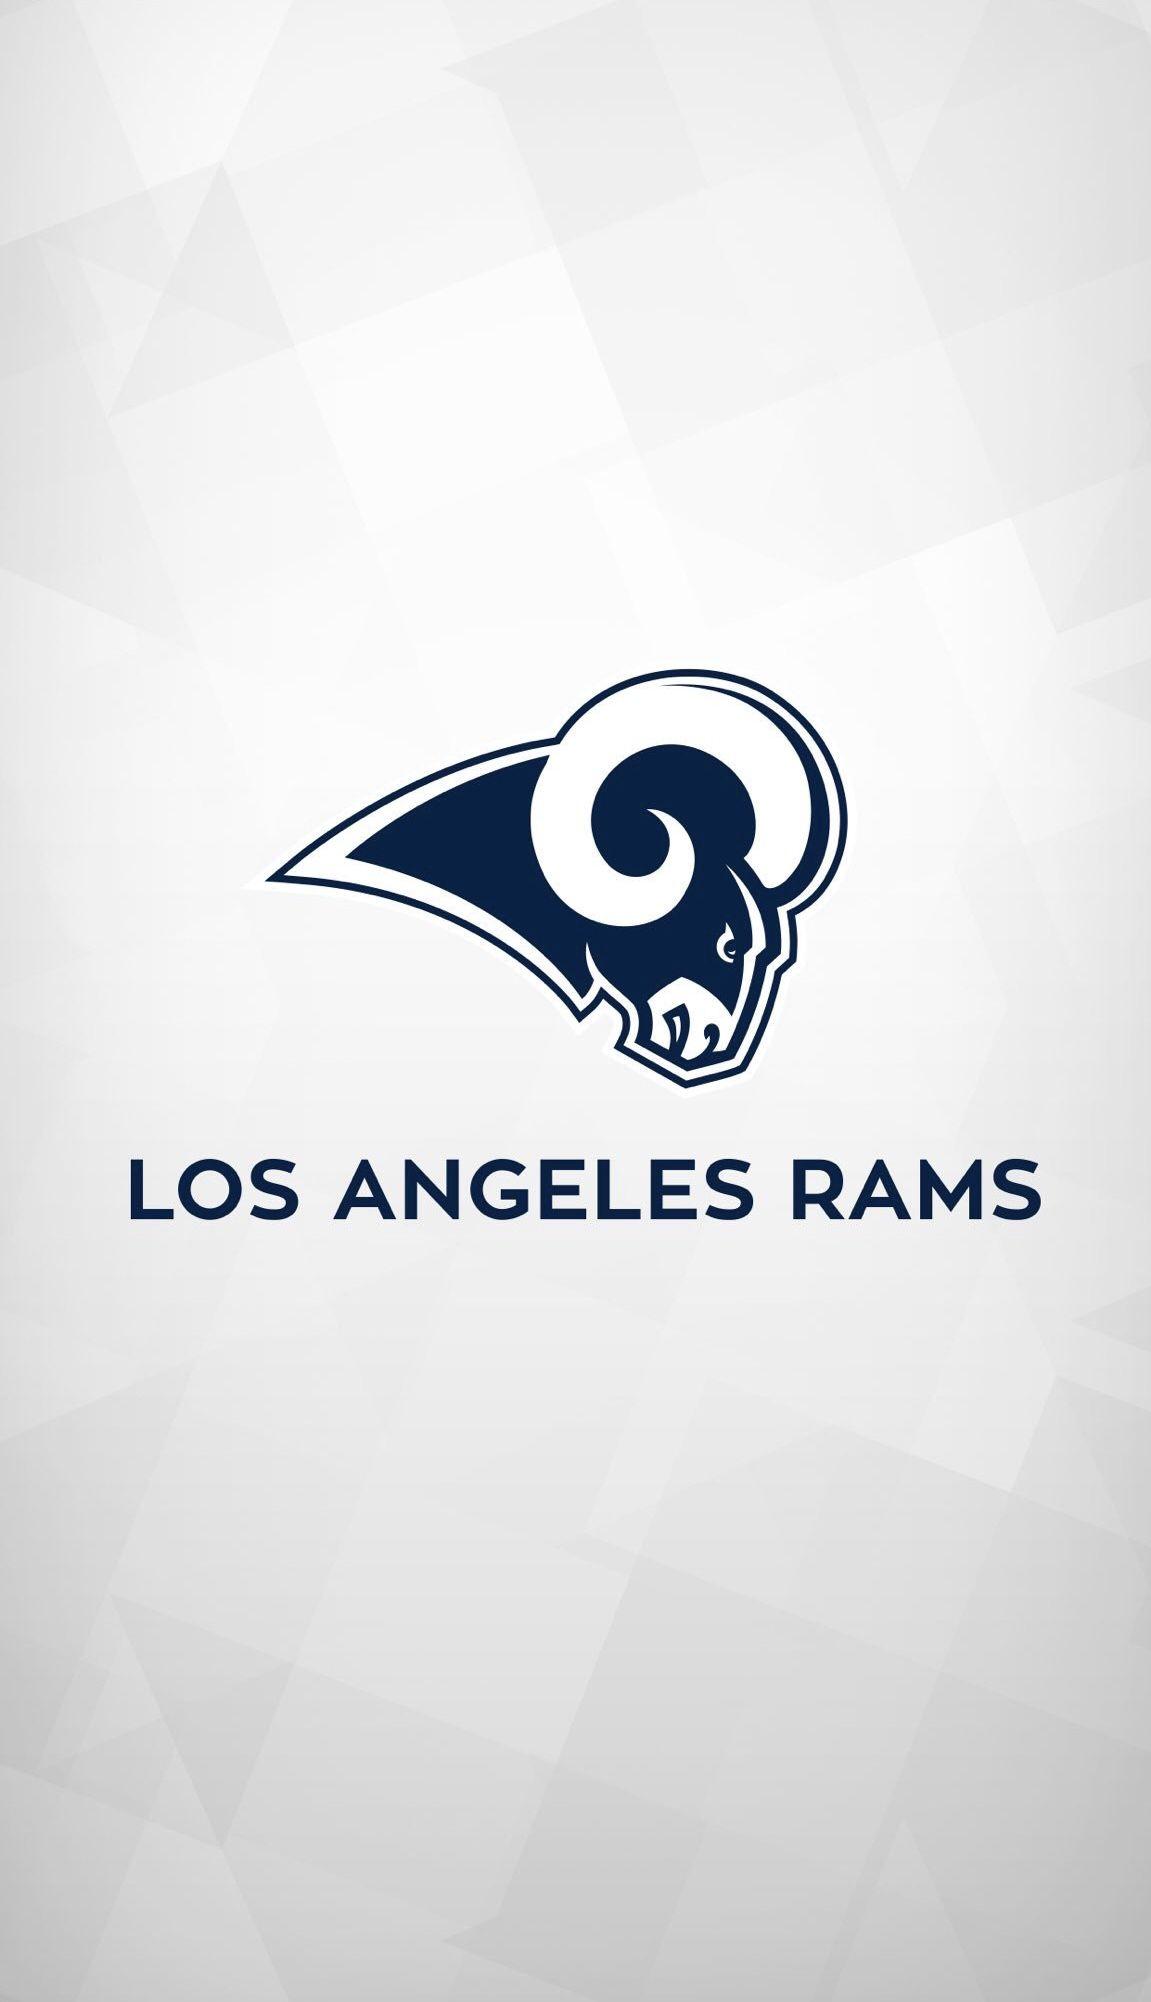 Los Angeles Rams Los Angeles Rams Nfl Rams La Rams